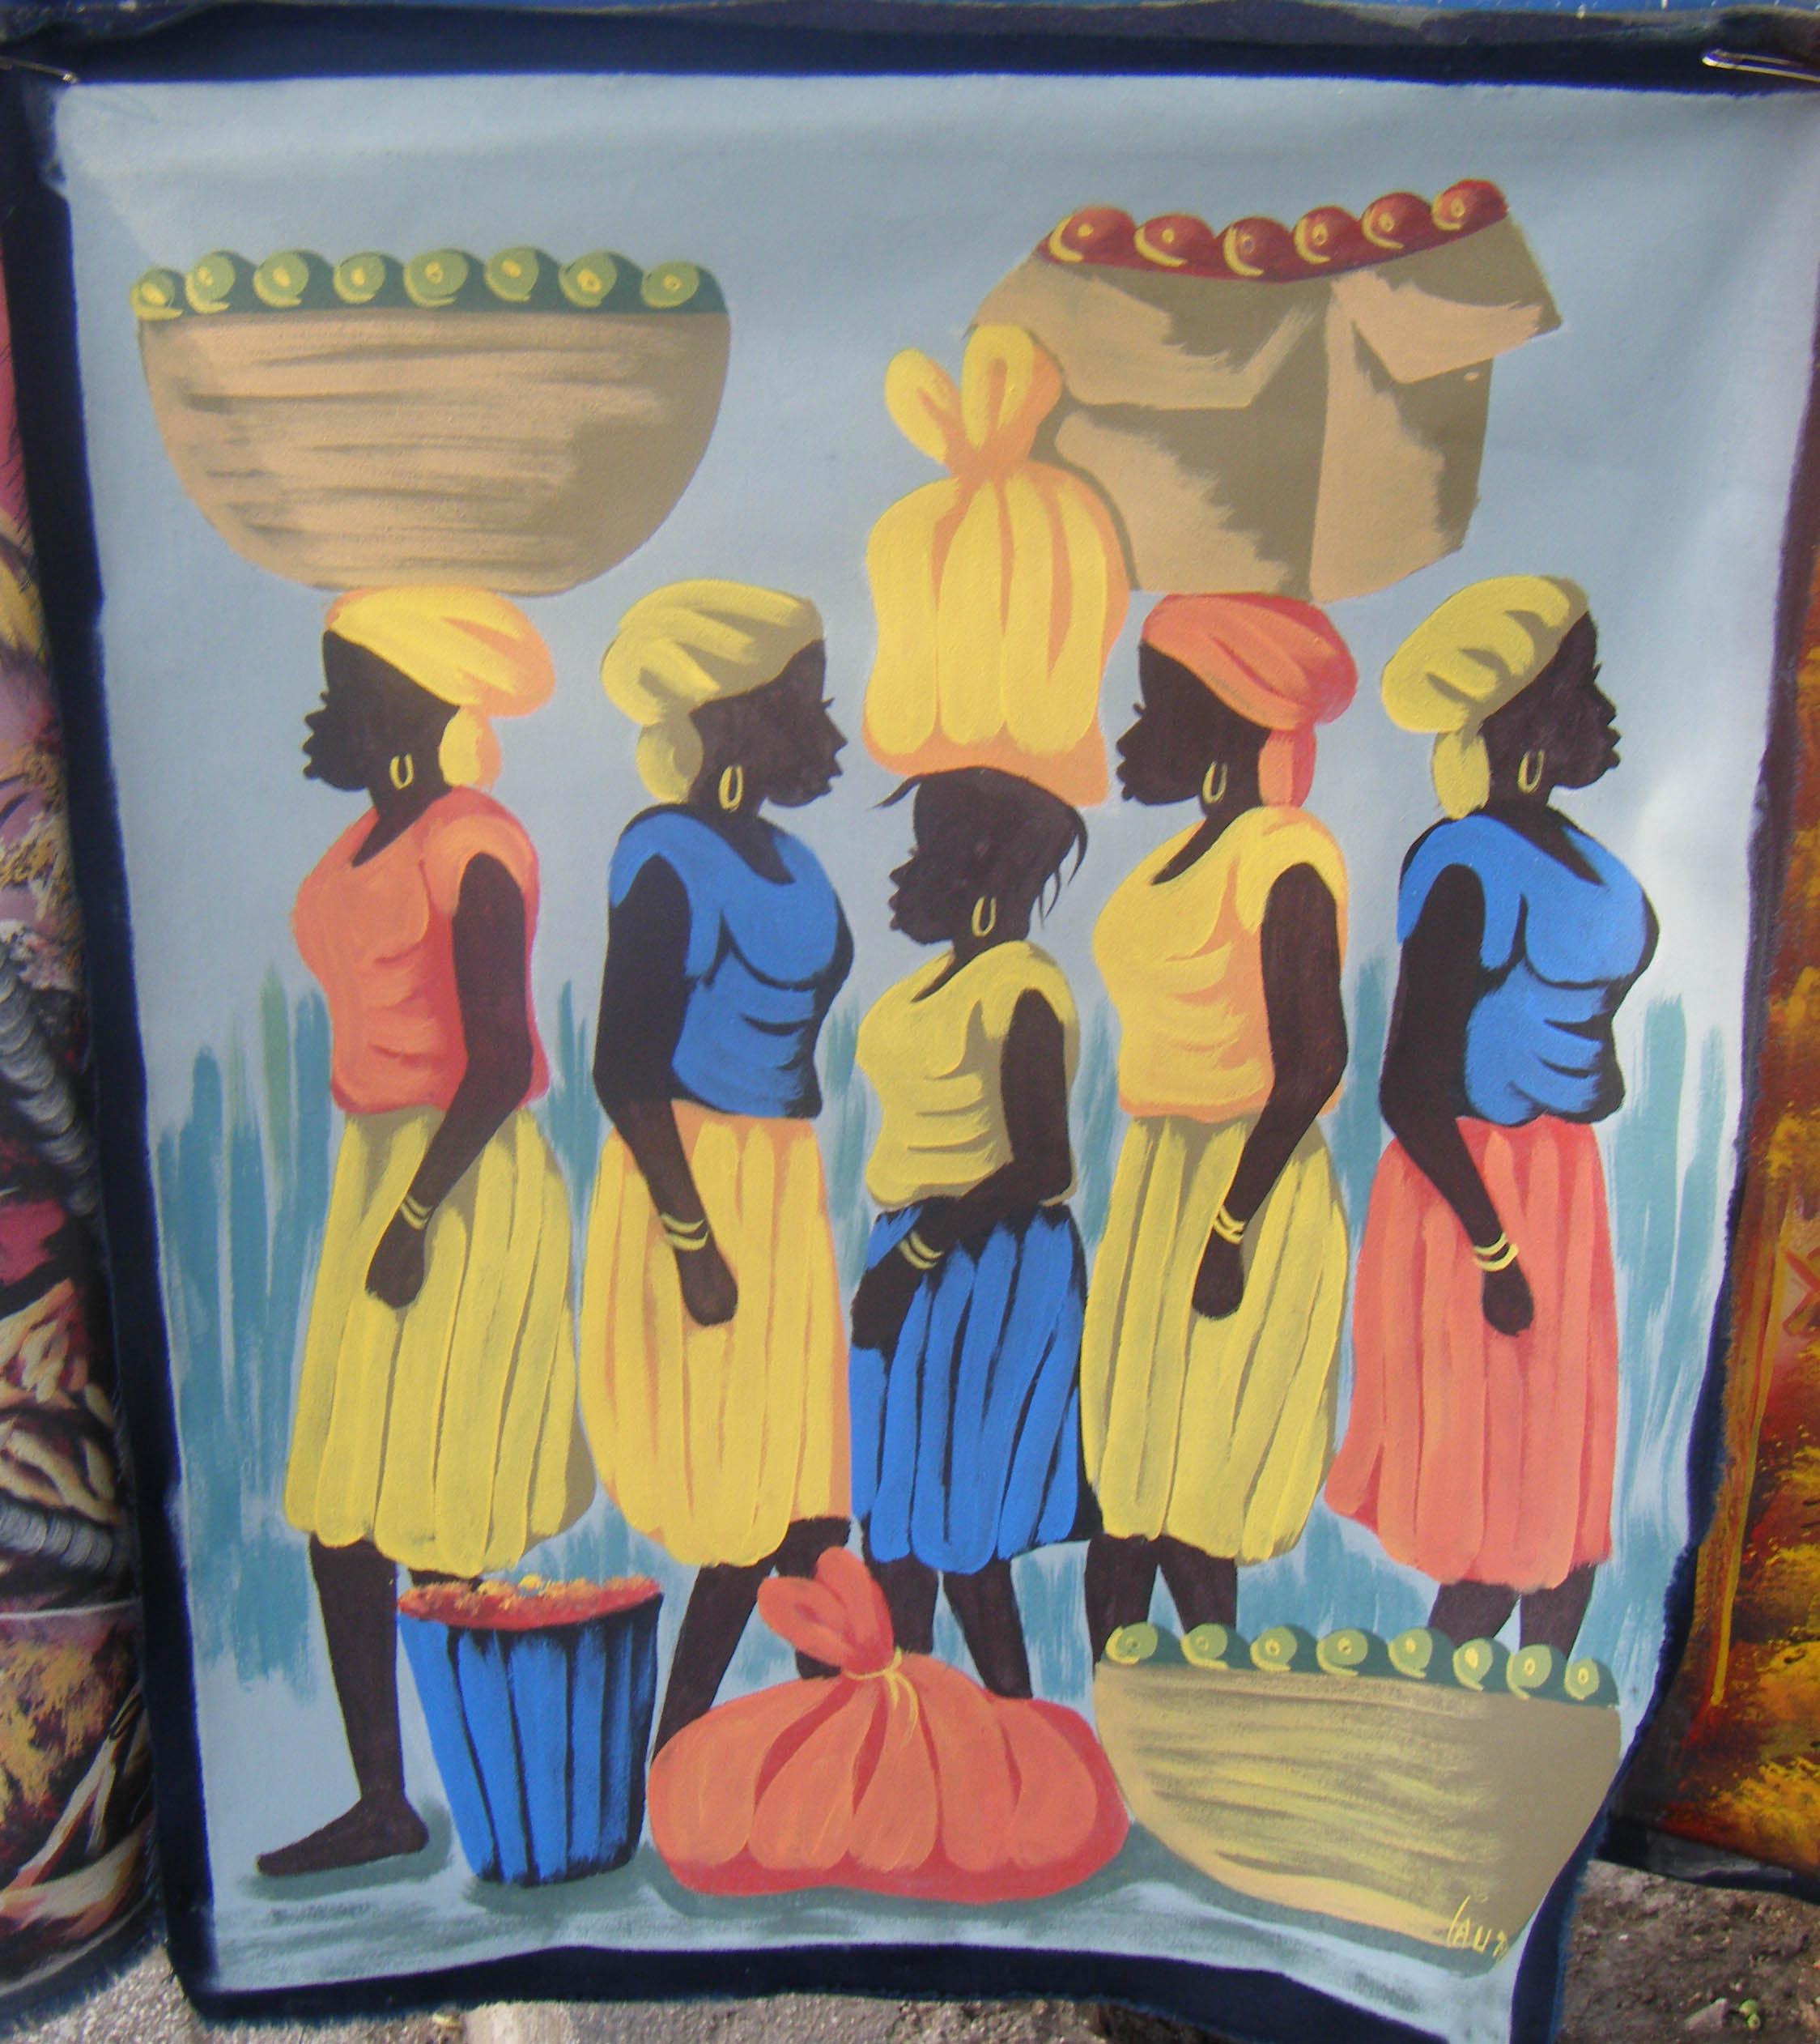 Ha tiaanse vrouwen originele doek handgemaakte schilderij folk art eur veiling nederland - Mandje doek doek ...